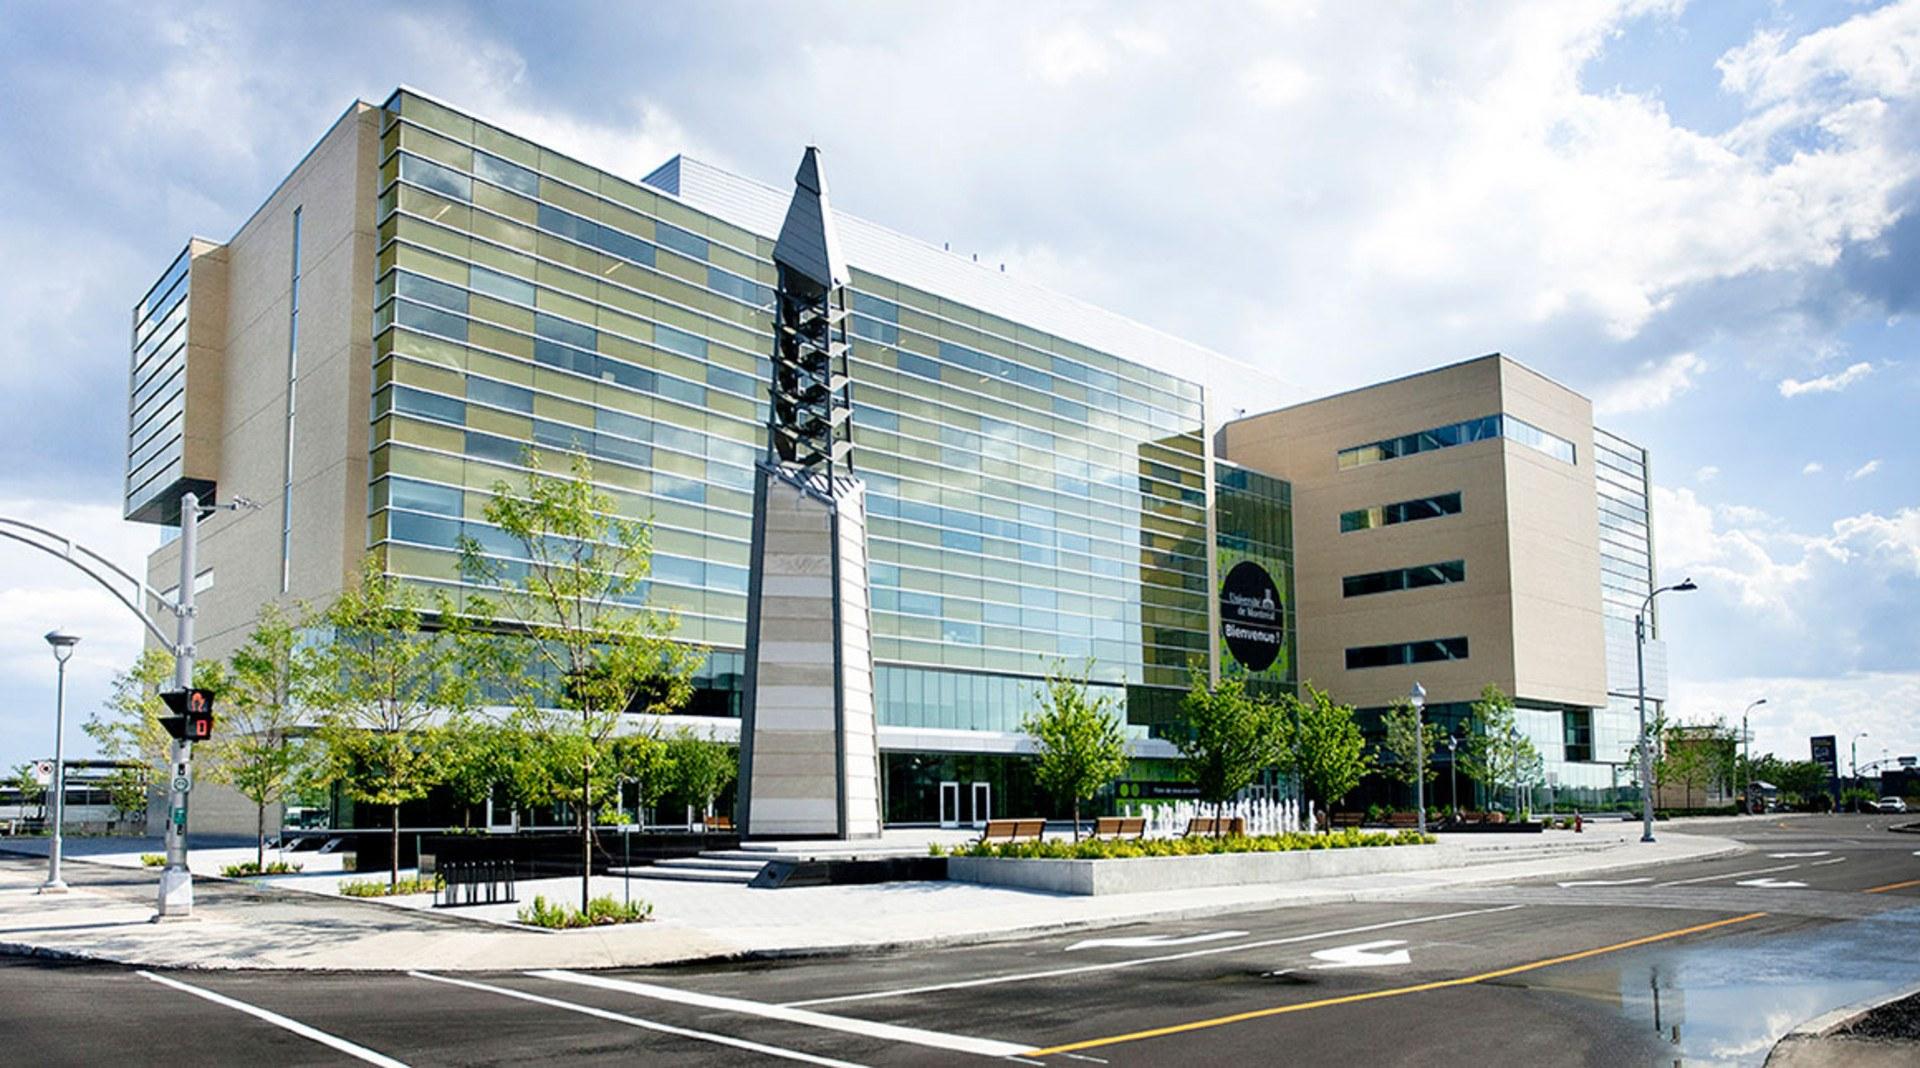 hebergement-pas-cher-laval-université-de-montréal-campus-laval